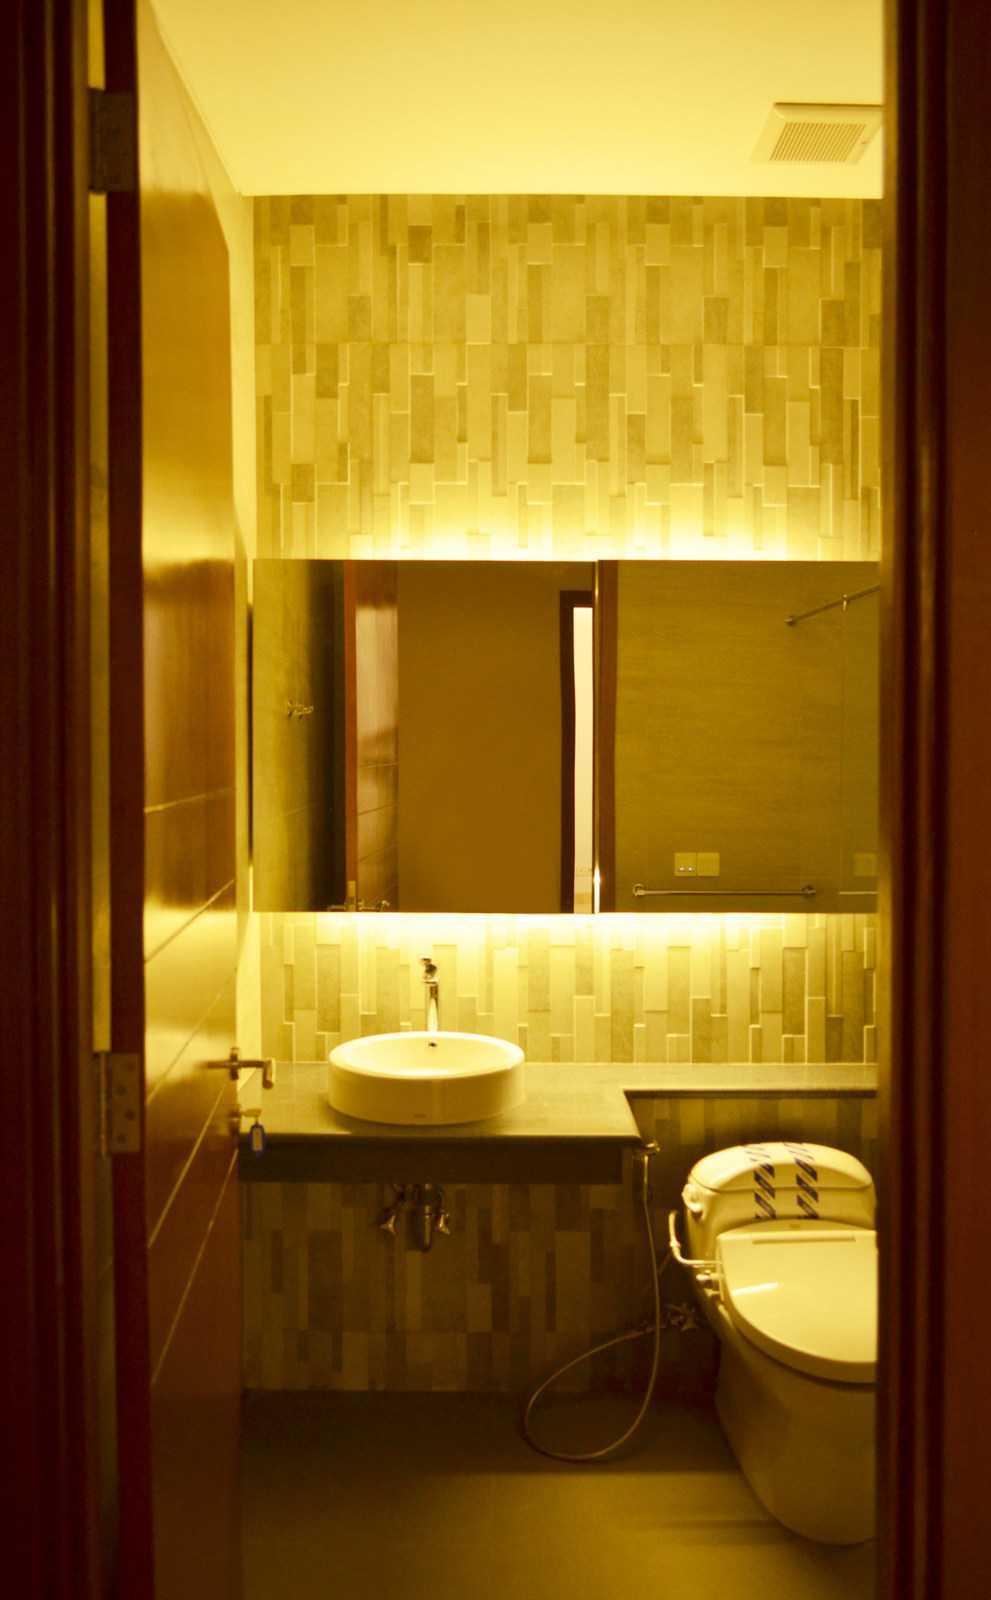 X3M Architects Nittaya A3 15 House Bsd Bsd Bathroom   25306